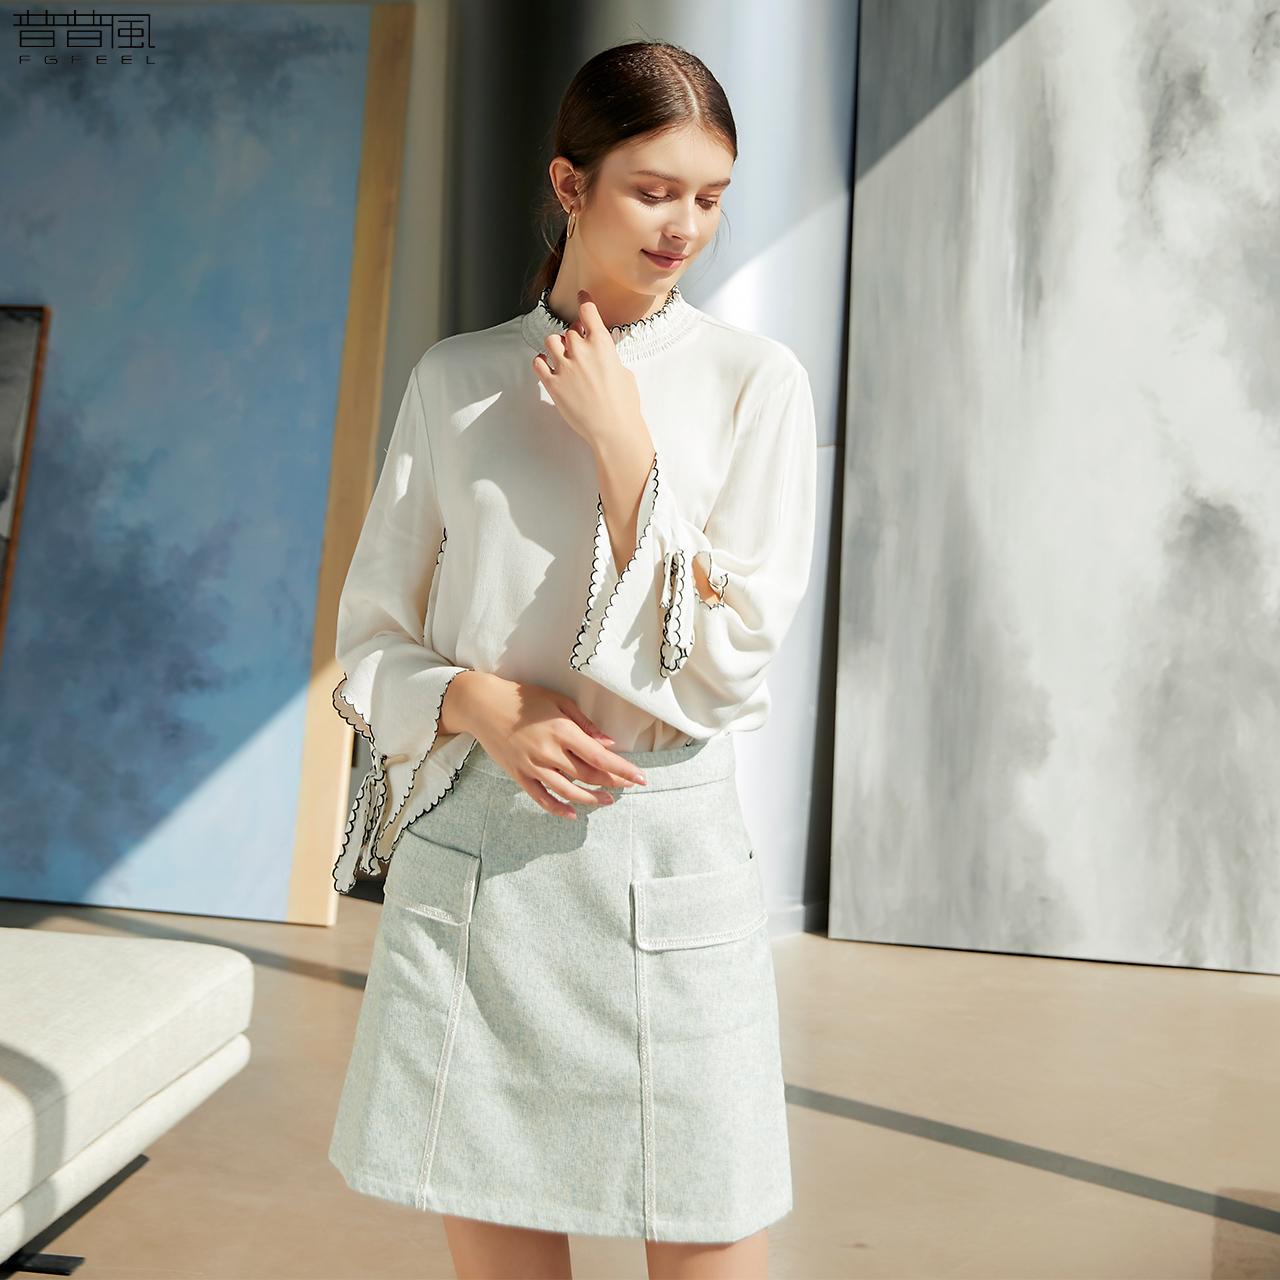 普普风新款简约T恤女装宽松撞色圆领绣花边肌理上衣13596